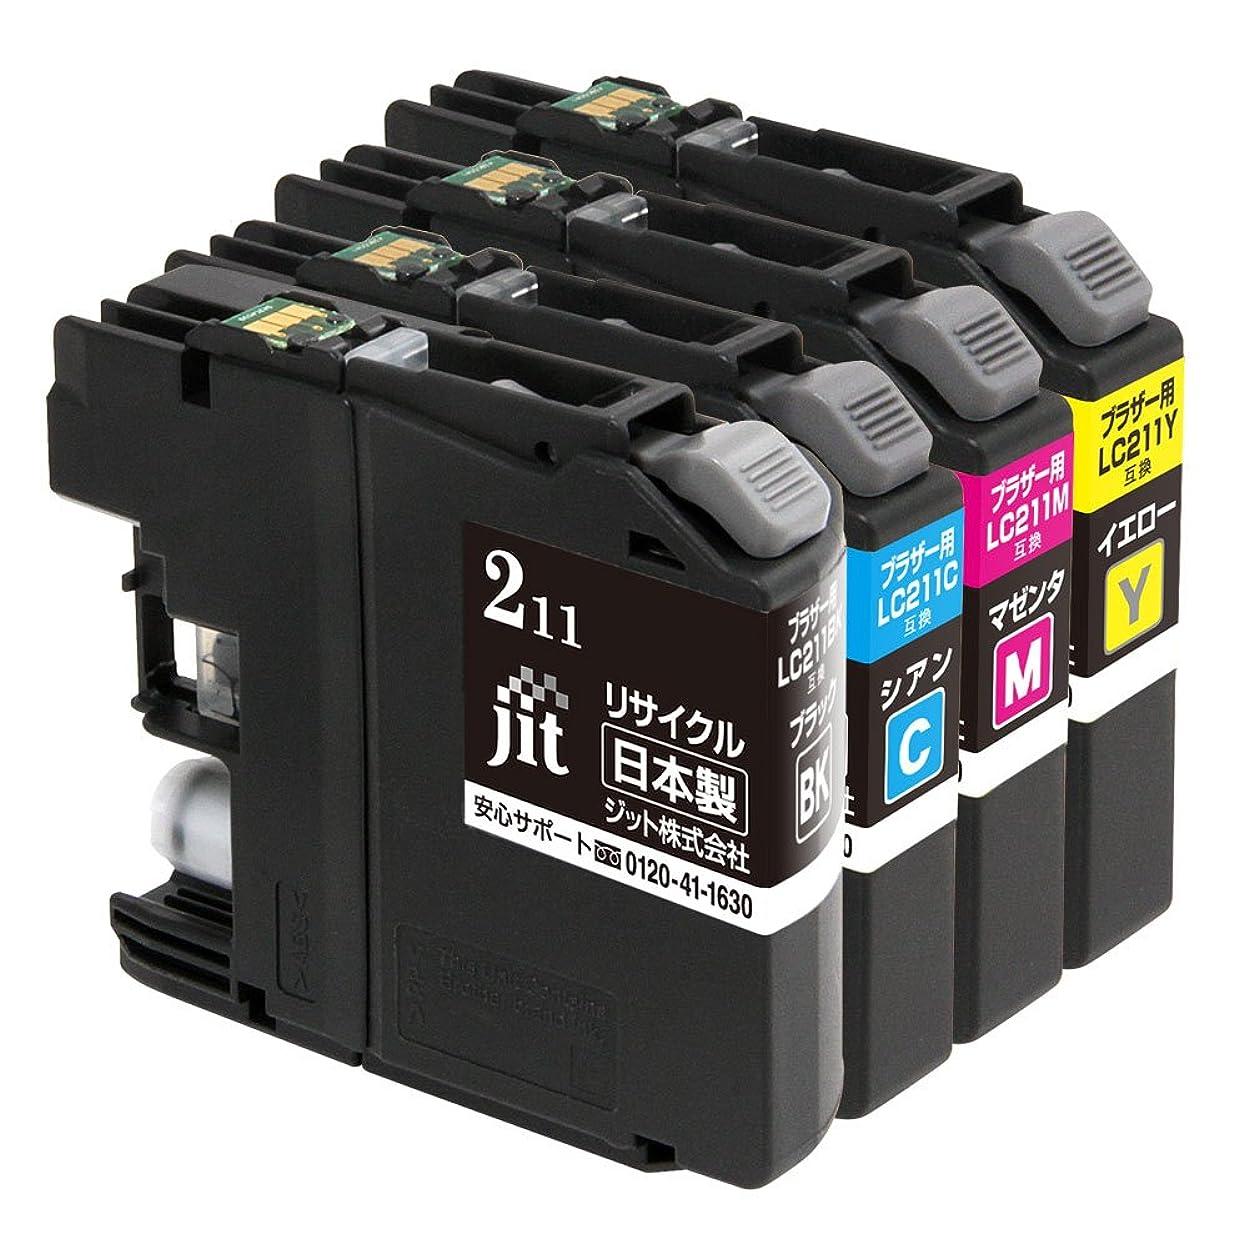 気分が悪いみなさん競争力のあるジット ブラザー(Brother)対応 リサイクル インクカートリッジ LC211-4PK 4色セット対応 JIT-NB2114P